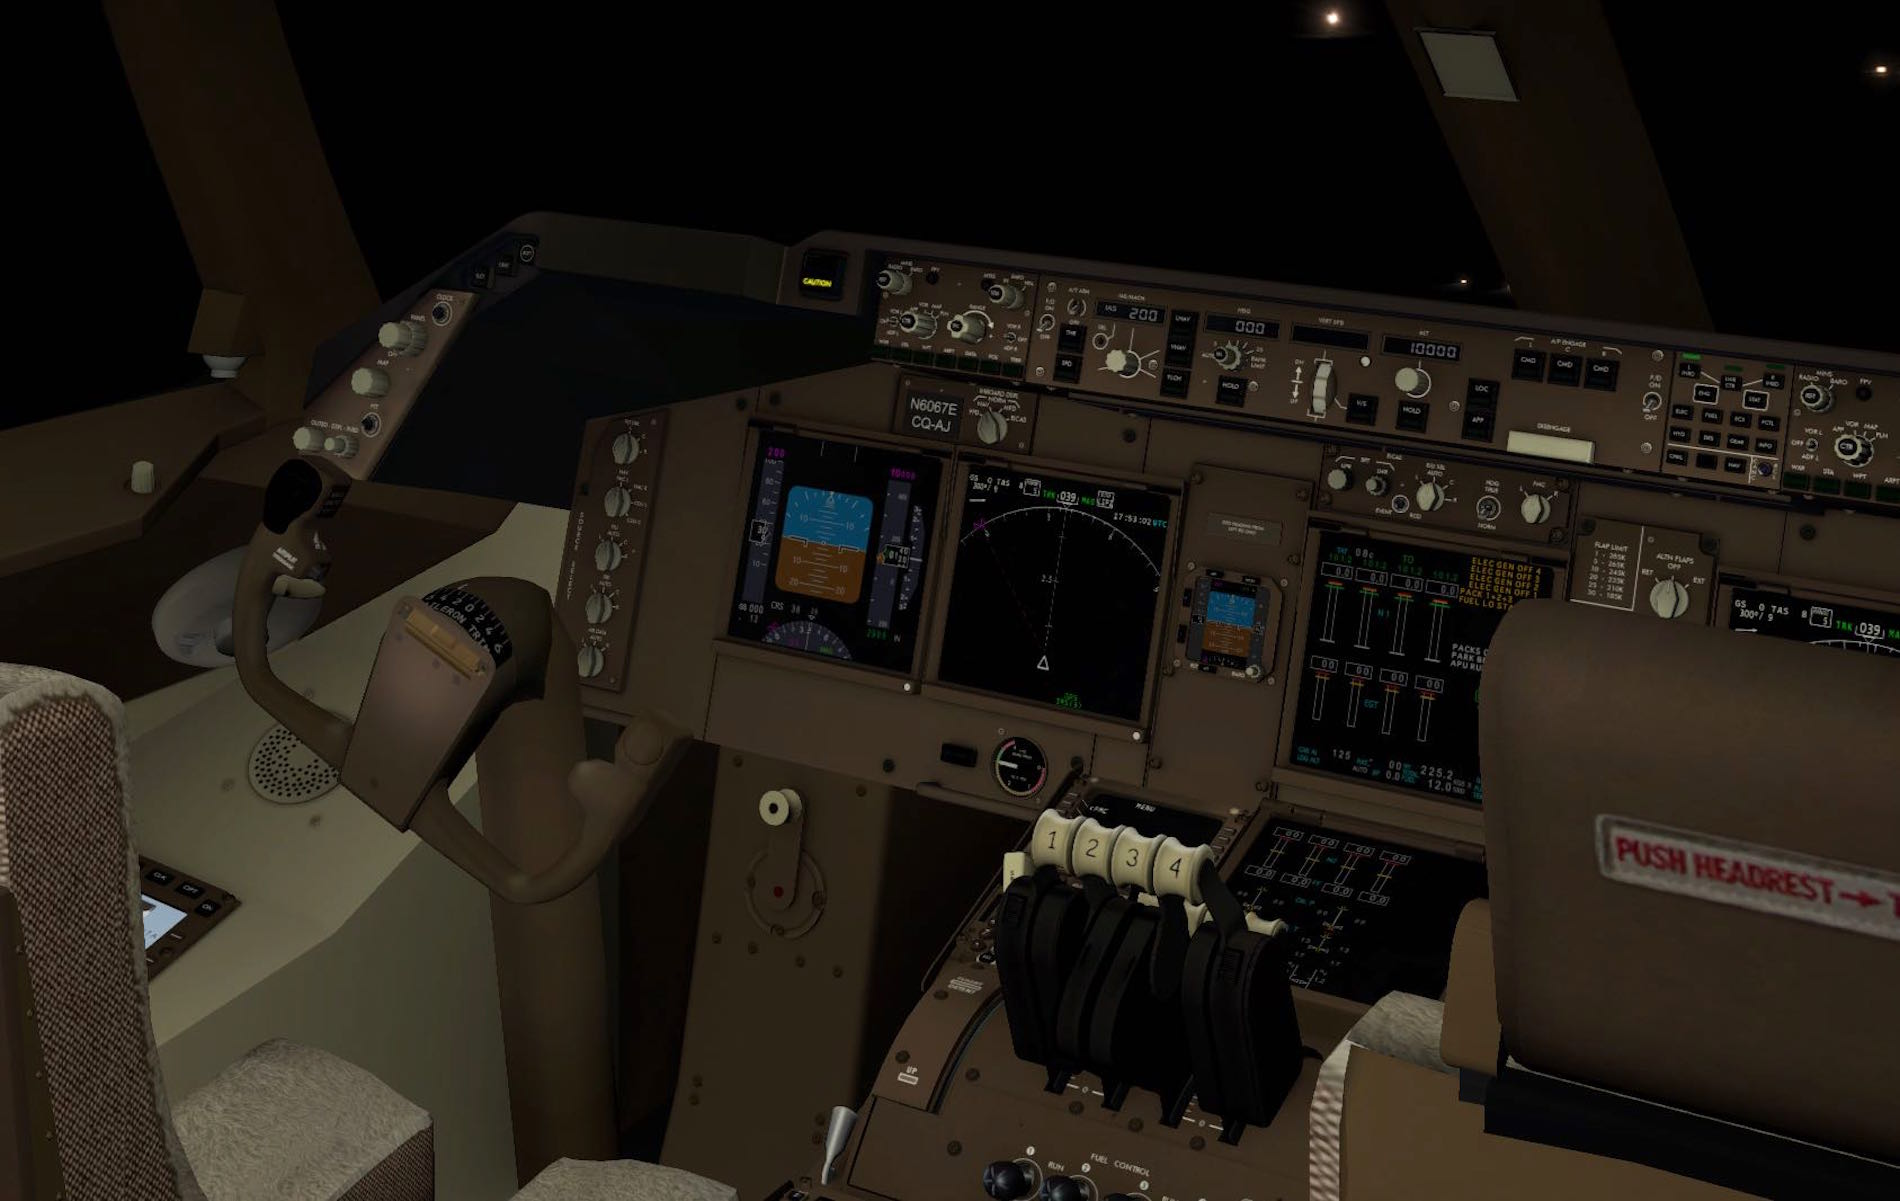 ssg-748i-00009